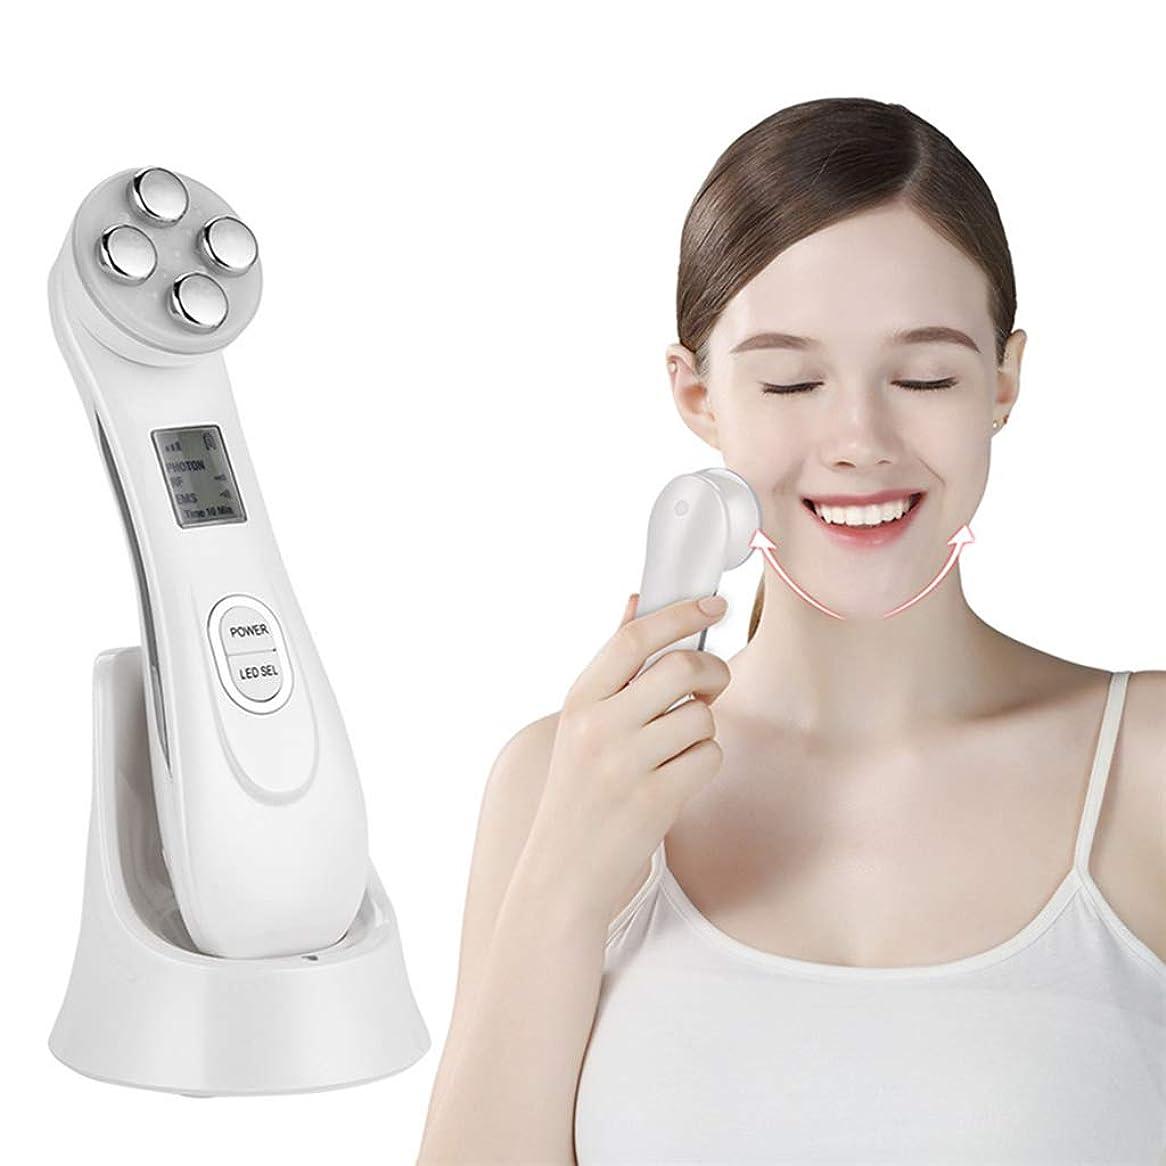 擬人トレイ固めるしわ除去機5 in 1Facial Skin Tightening Beauty Deviceは、しわの年齢や紫外線によって損傷した皮膚の外観を改善します